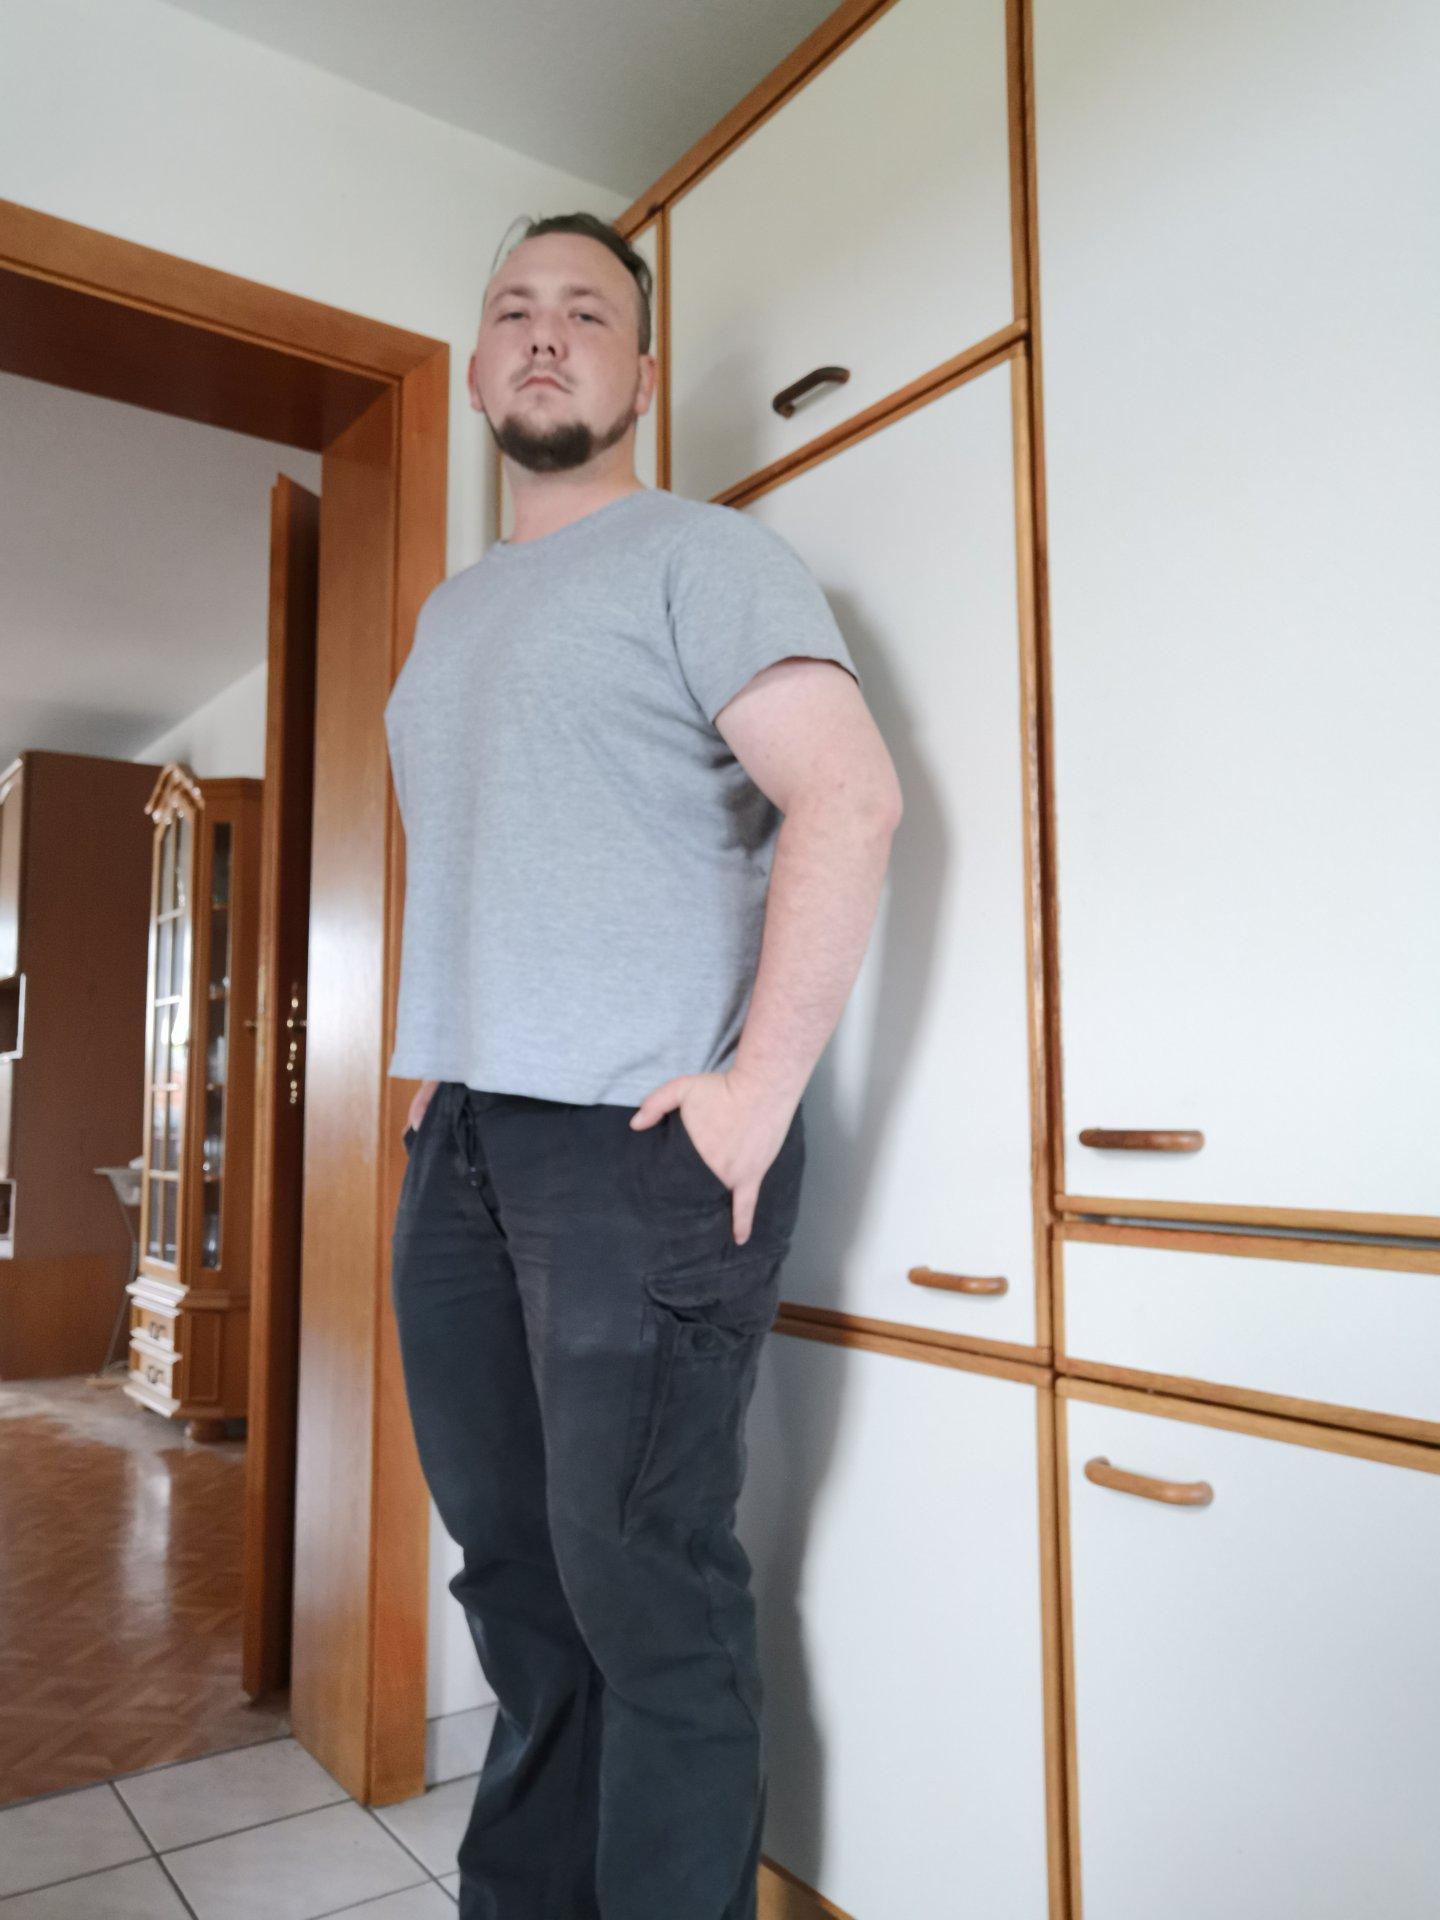 Jens93 aus Bayern,Deutschland